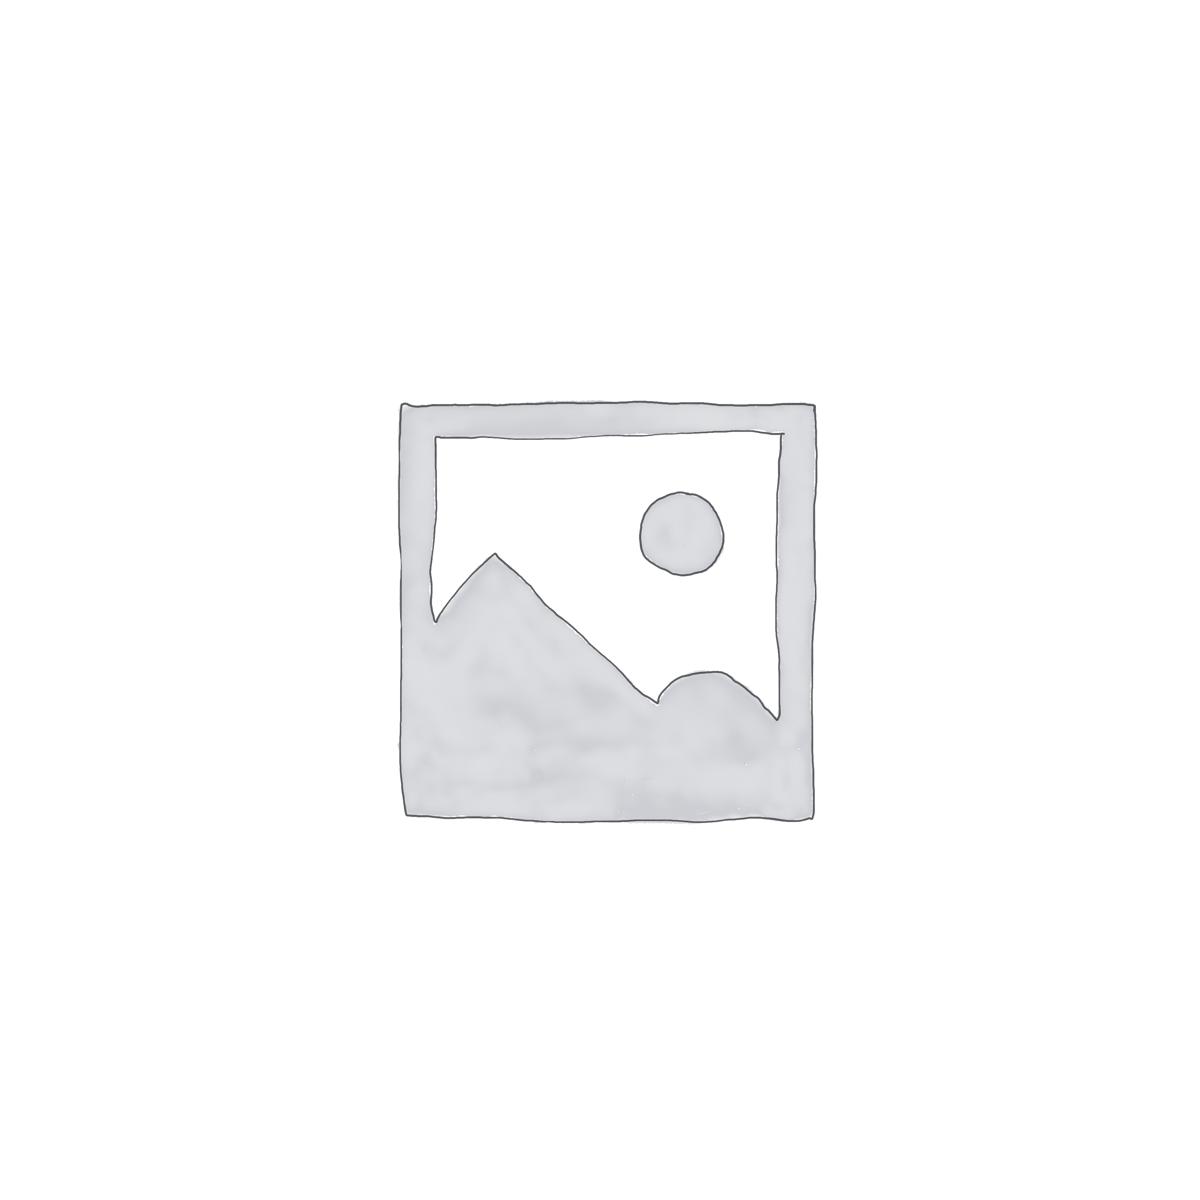 Voordeel little square (per 10 stuks)